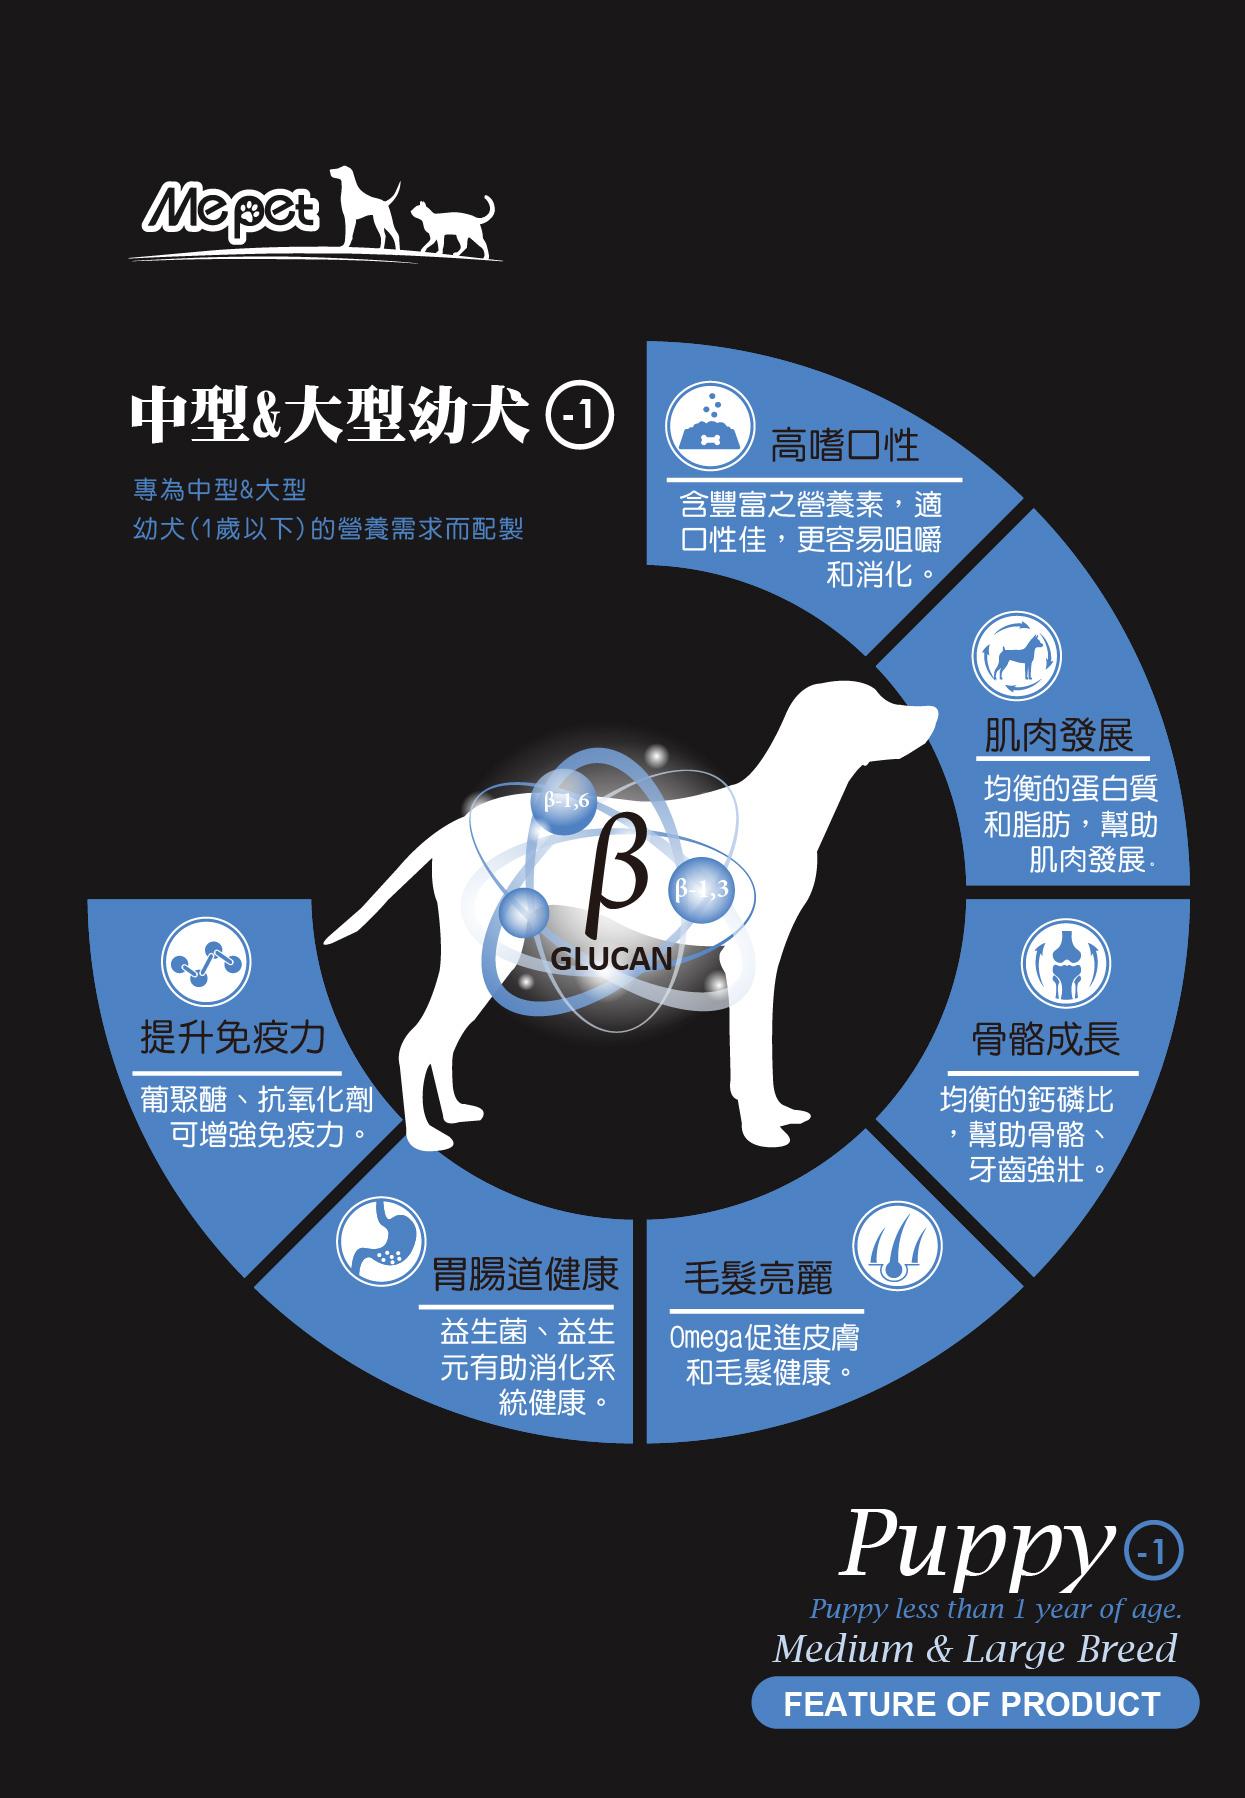 專為中型&大型幼犬的營養需求而製│MePet全球寵物狗狗健康首選